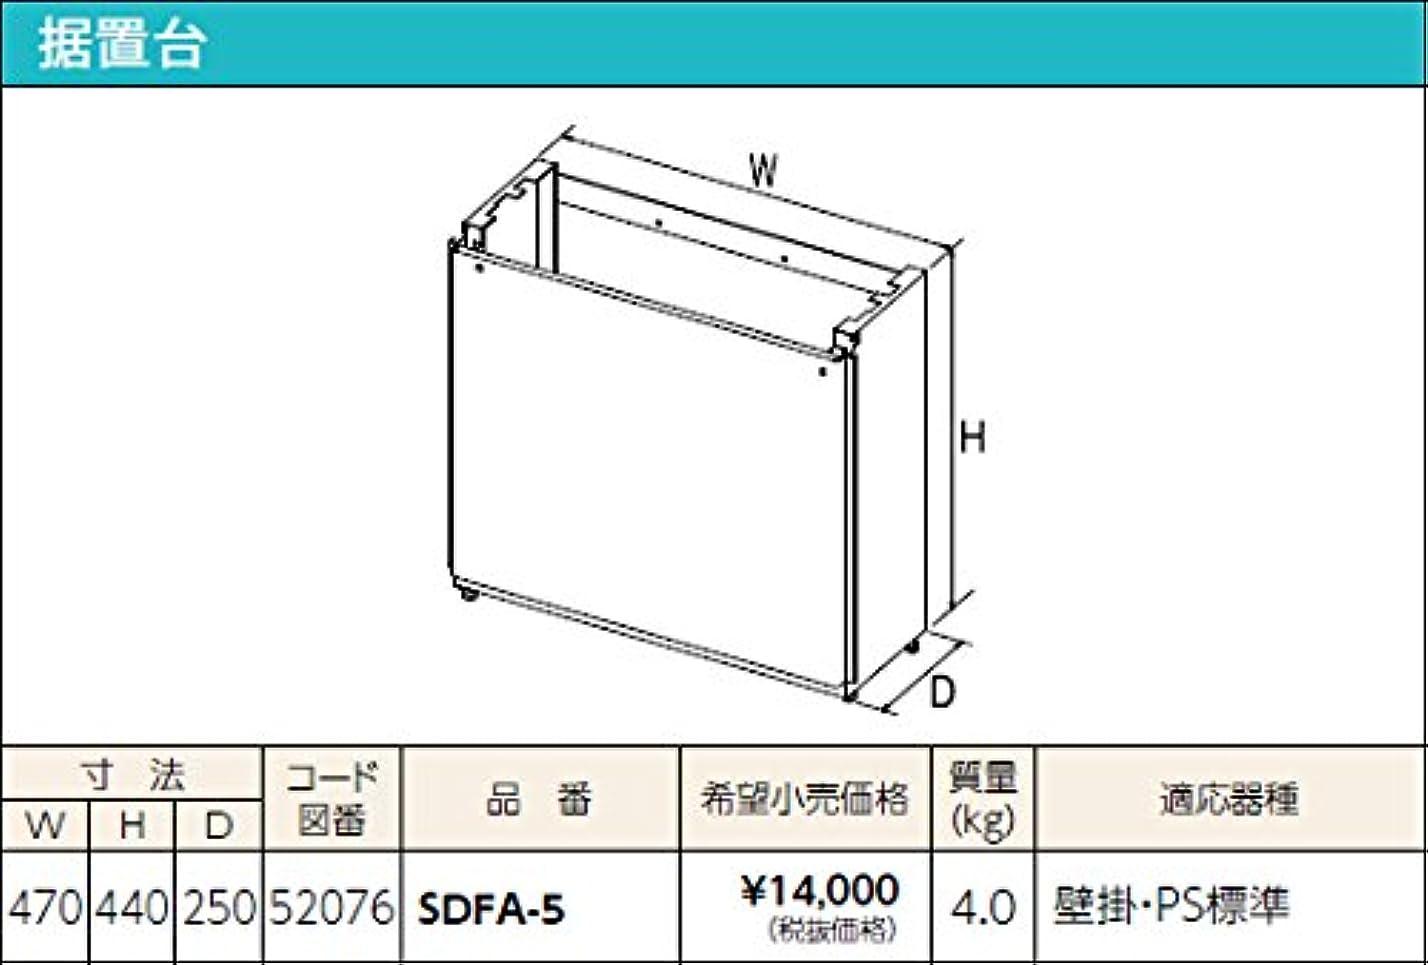 赤面エンジン反対パロマ ガス給湯器 据置台【SDFA-5】 オプション部材